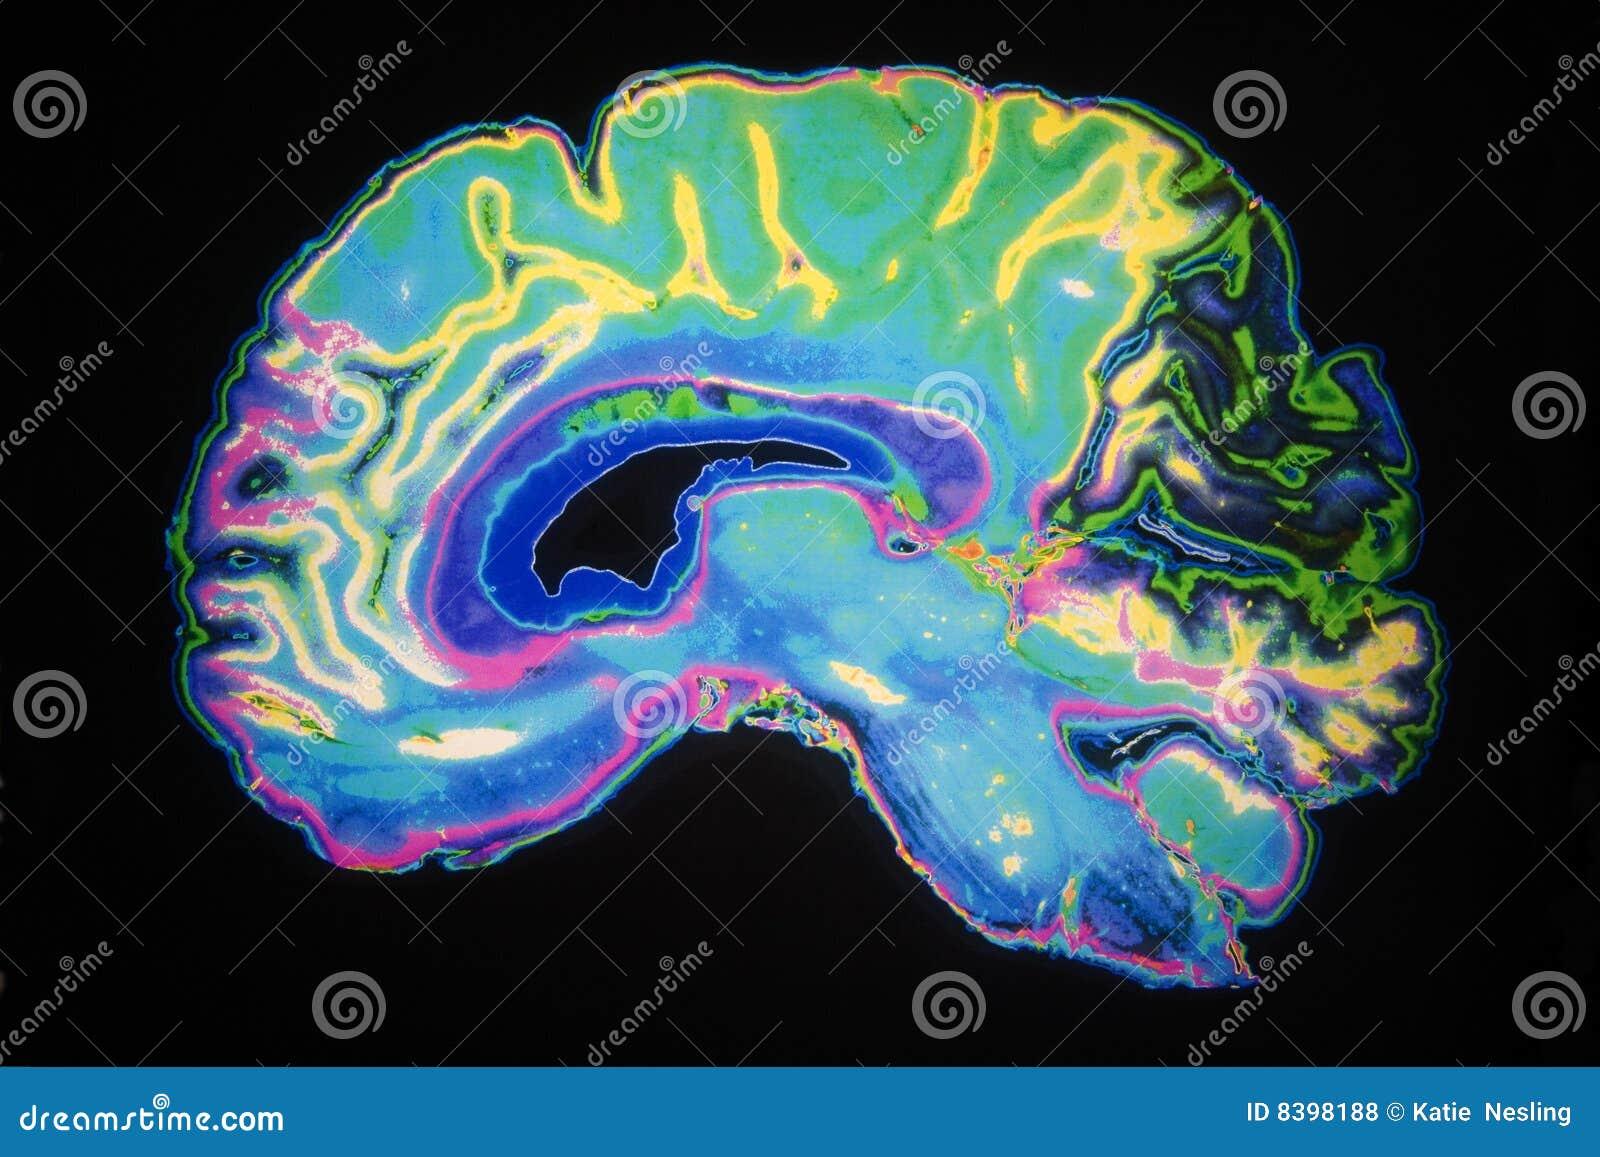 Exploración coloreada de MRI del cerebro humano